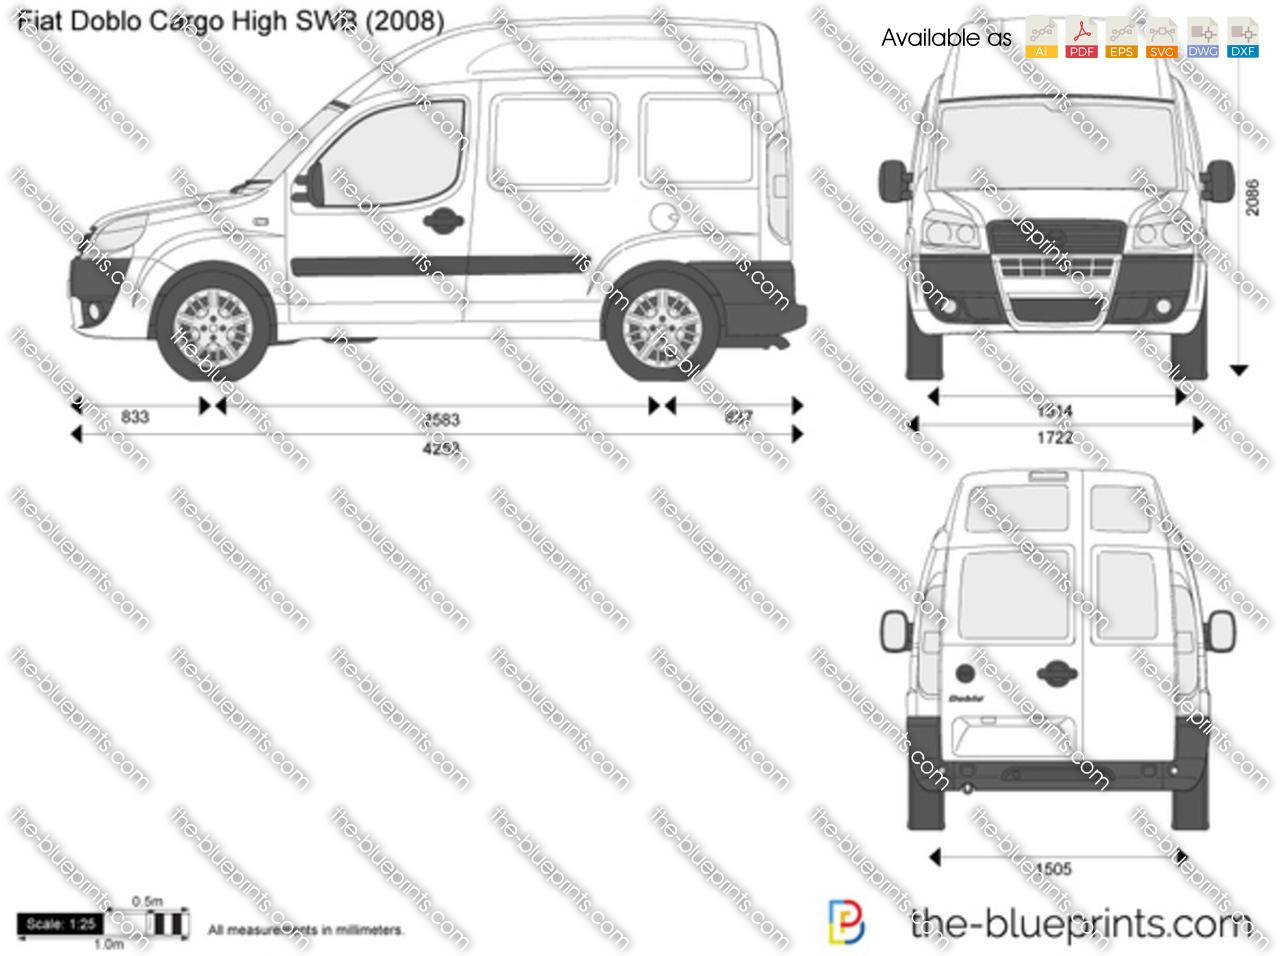 fiat doblo cargo wiring diagram somurich com fiat doblo camper fiat doblo  cargo wiring diagram fiat